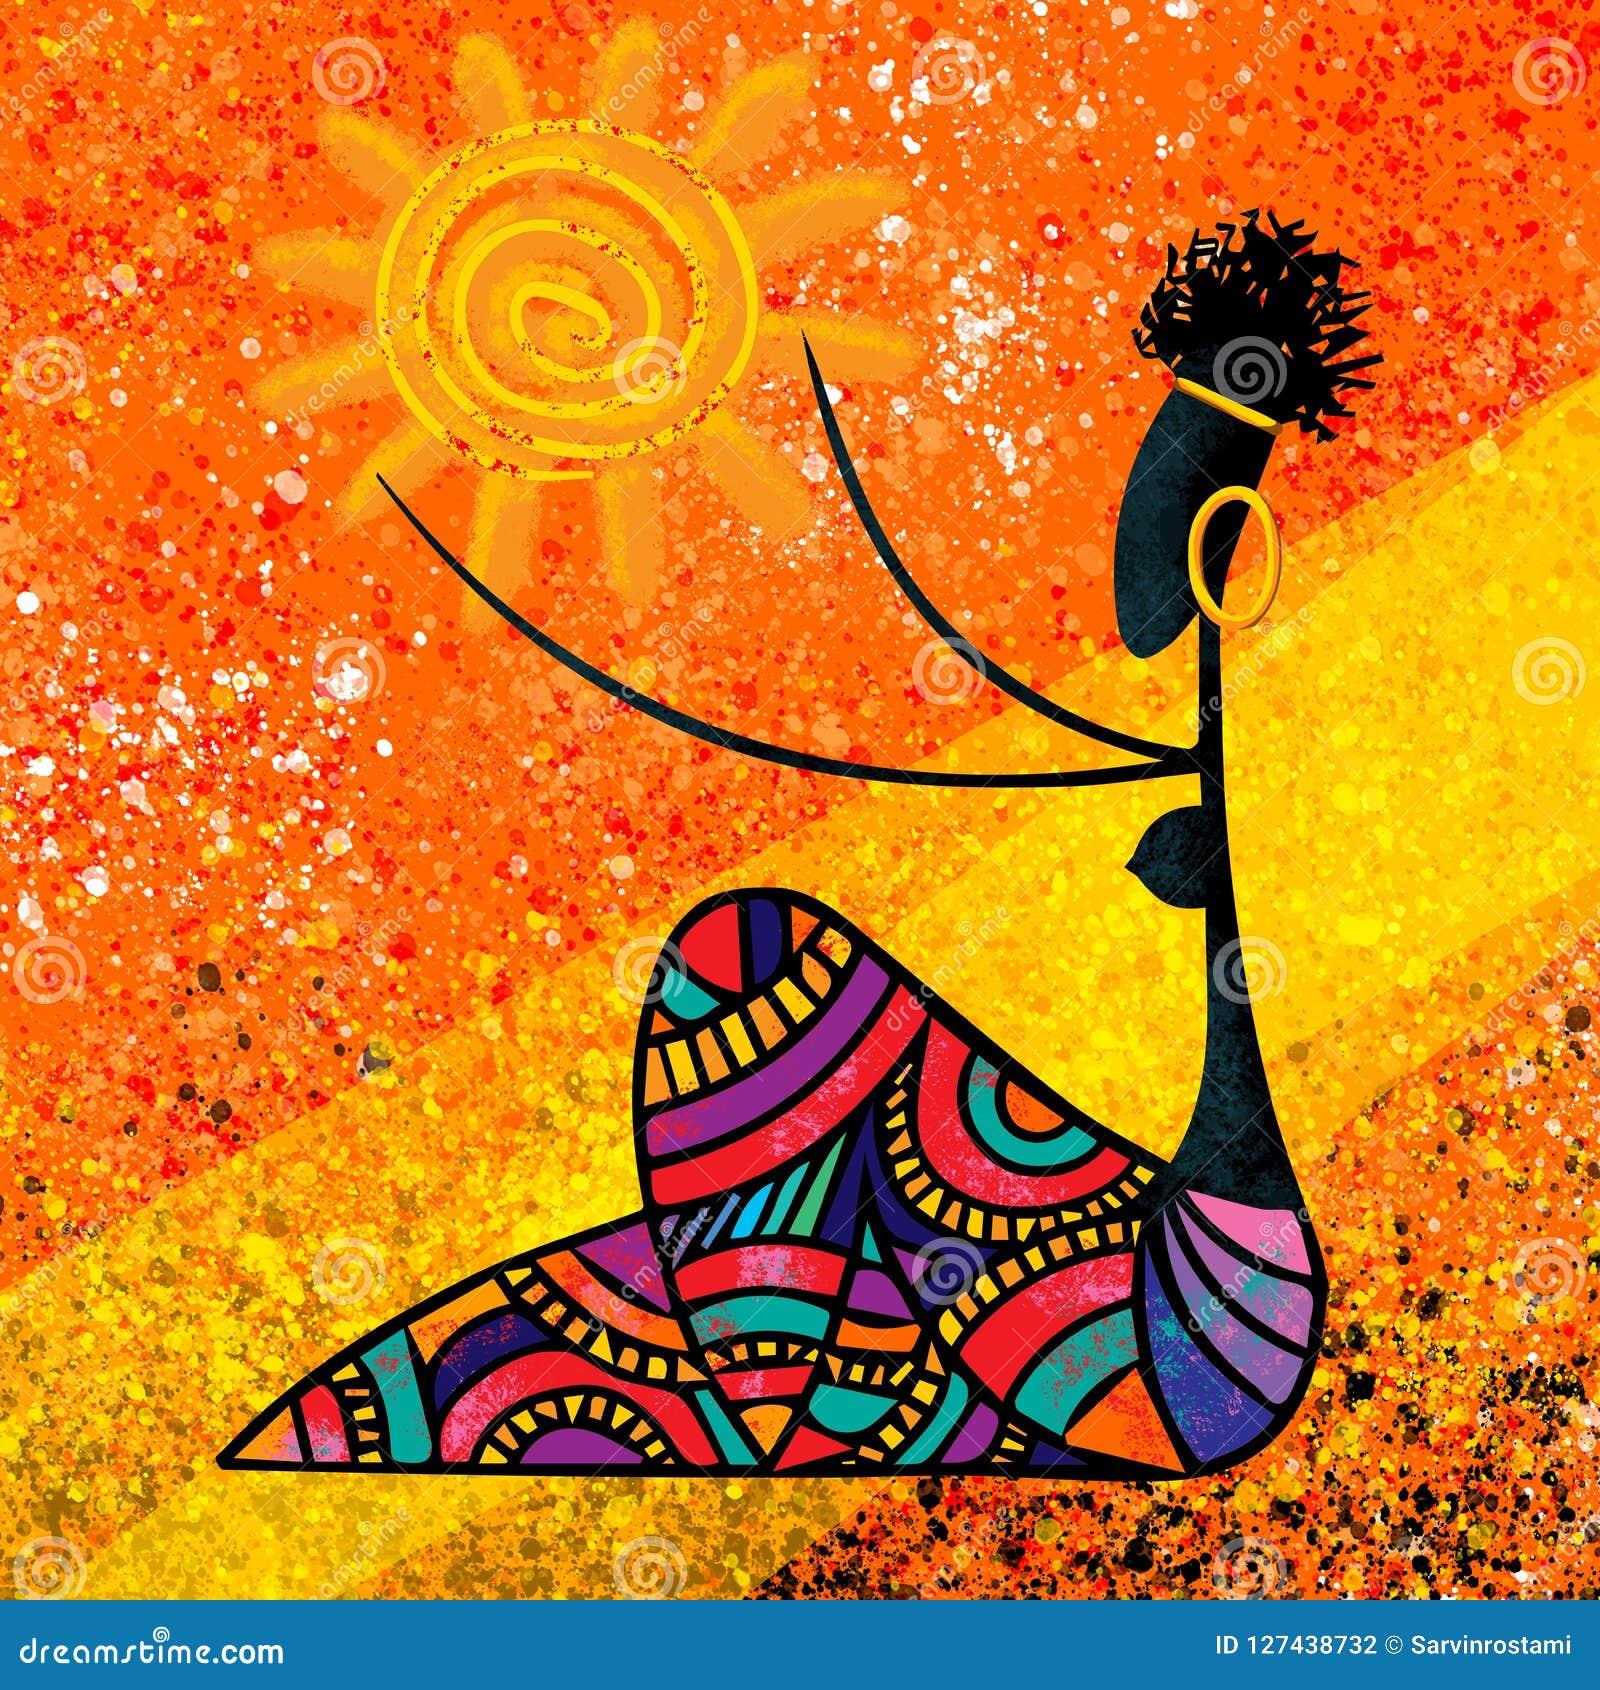 La ragazza africana giudica il materiale illustrativo digitale della tela di pittura del sole originale a colori i colori caldi